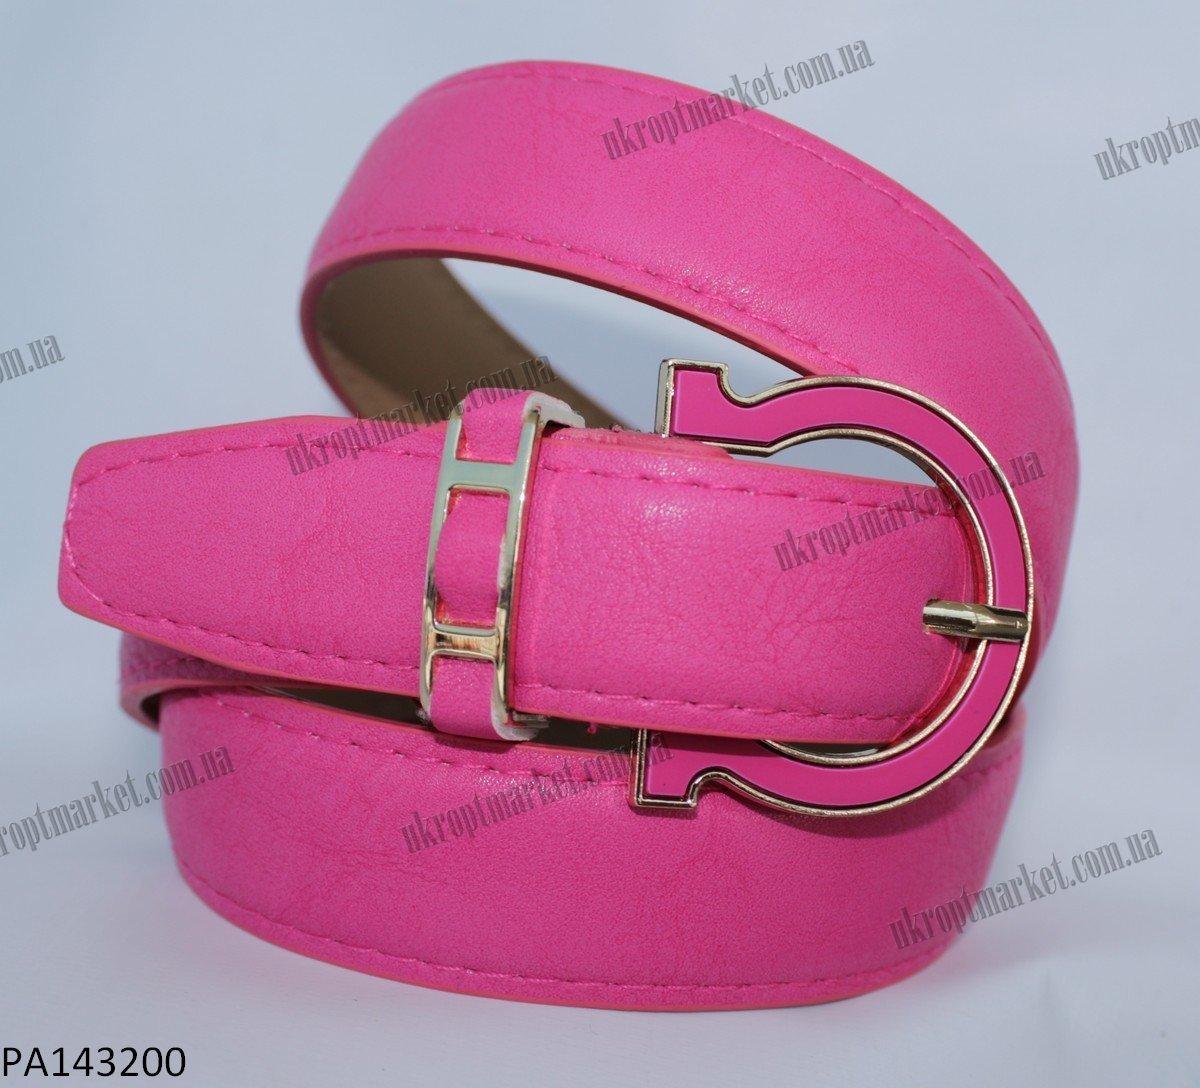 Купить ремень женский розовый ремень мужской кожаный купить барнаул